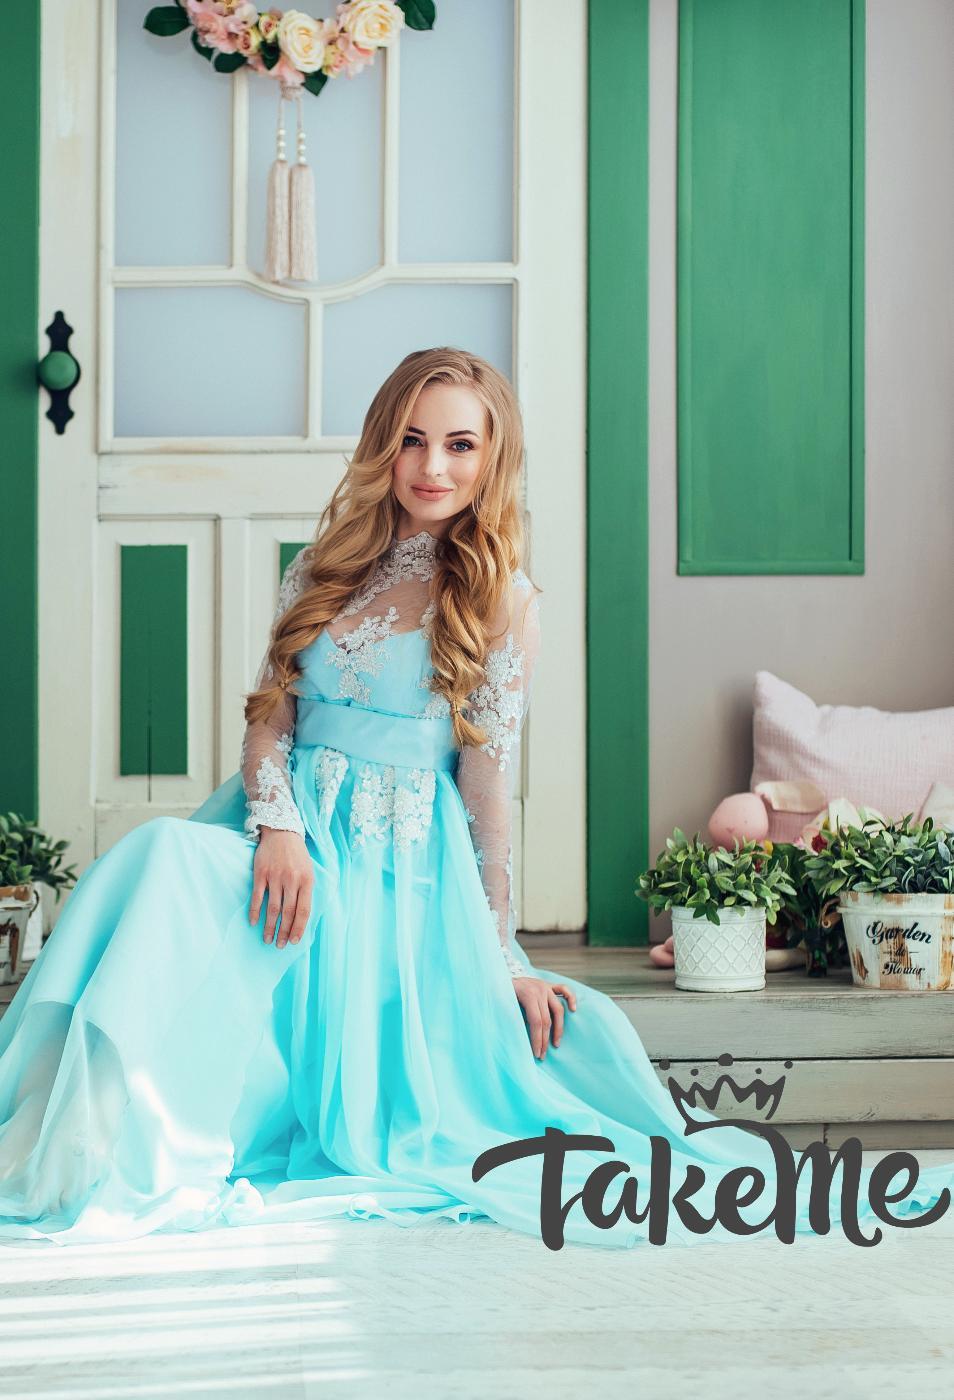 все знают, голубое платье в прокат фотосессии печаль тревоги